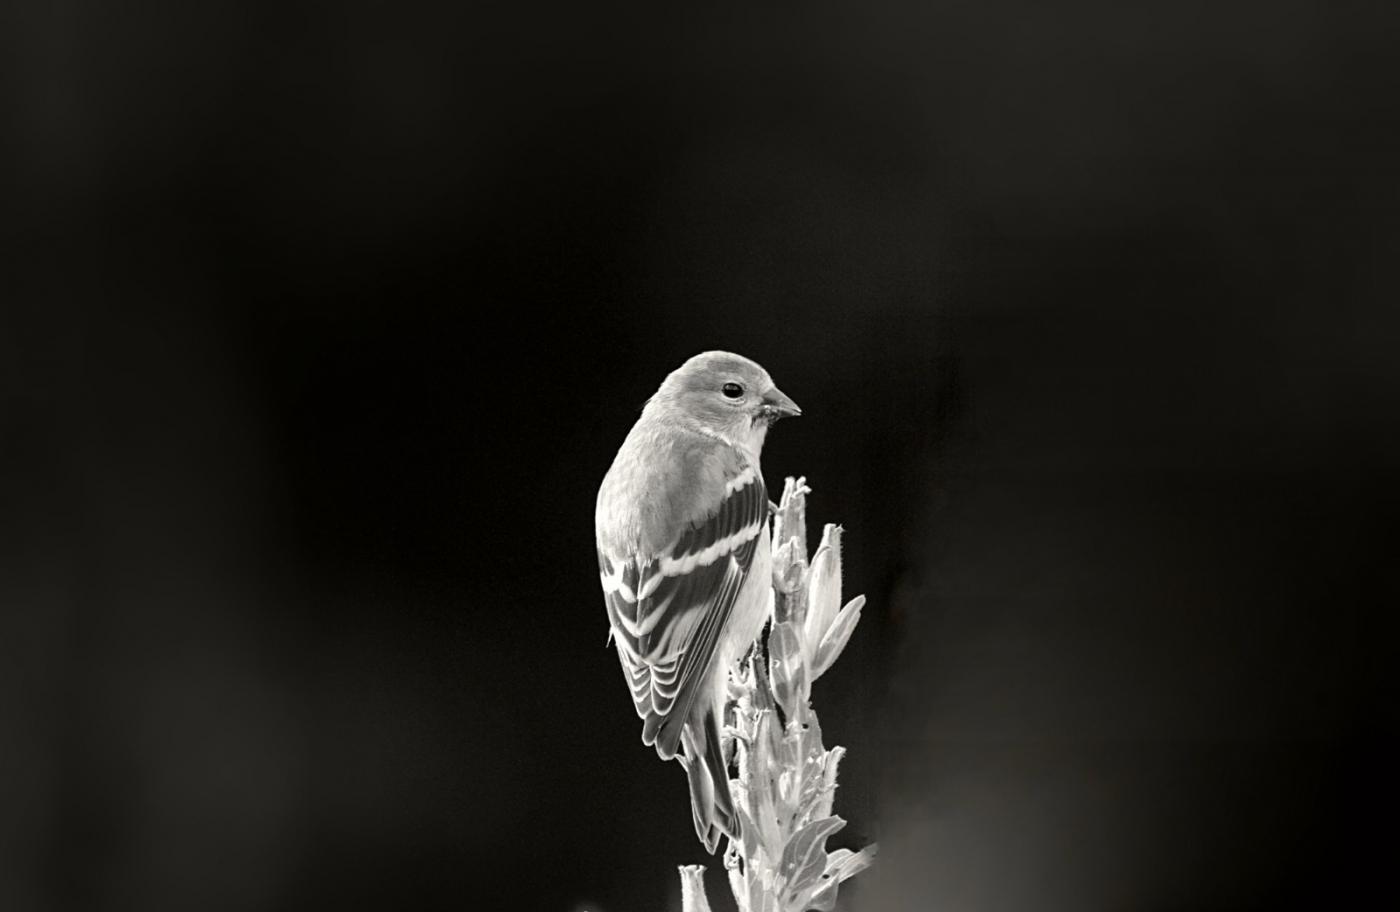 [田螺摄影]金翅鸟_图1-15